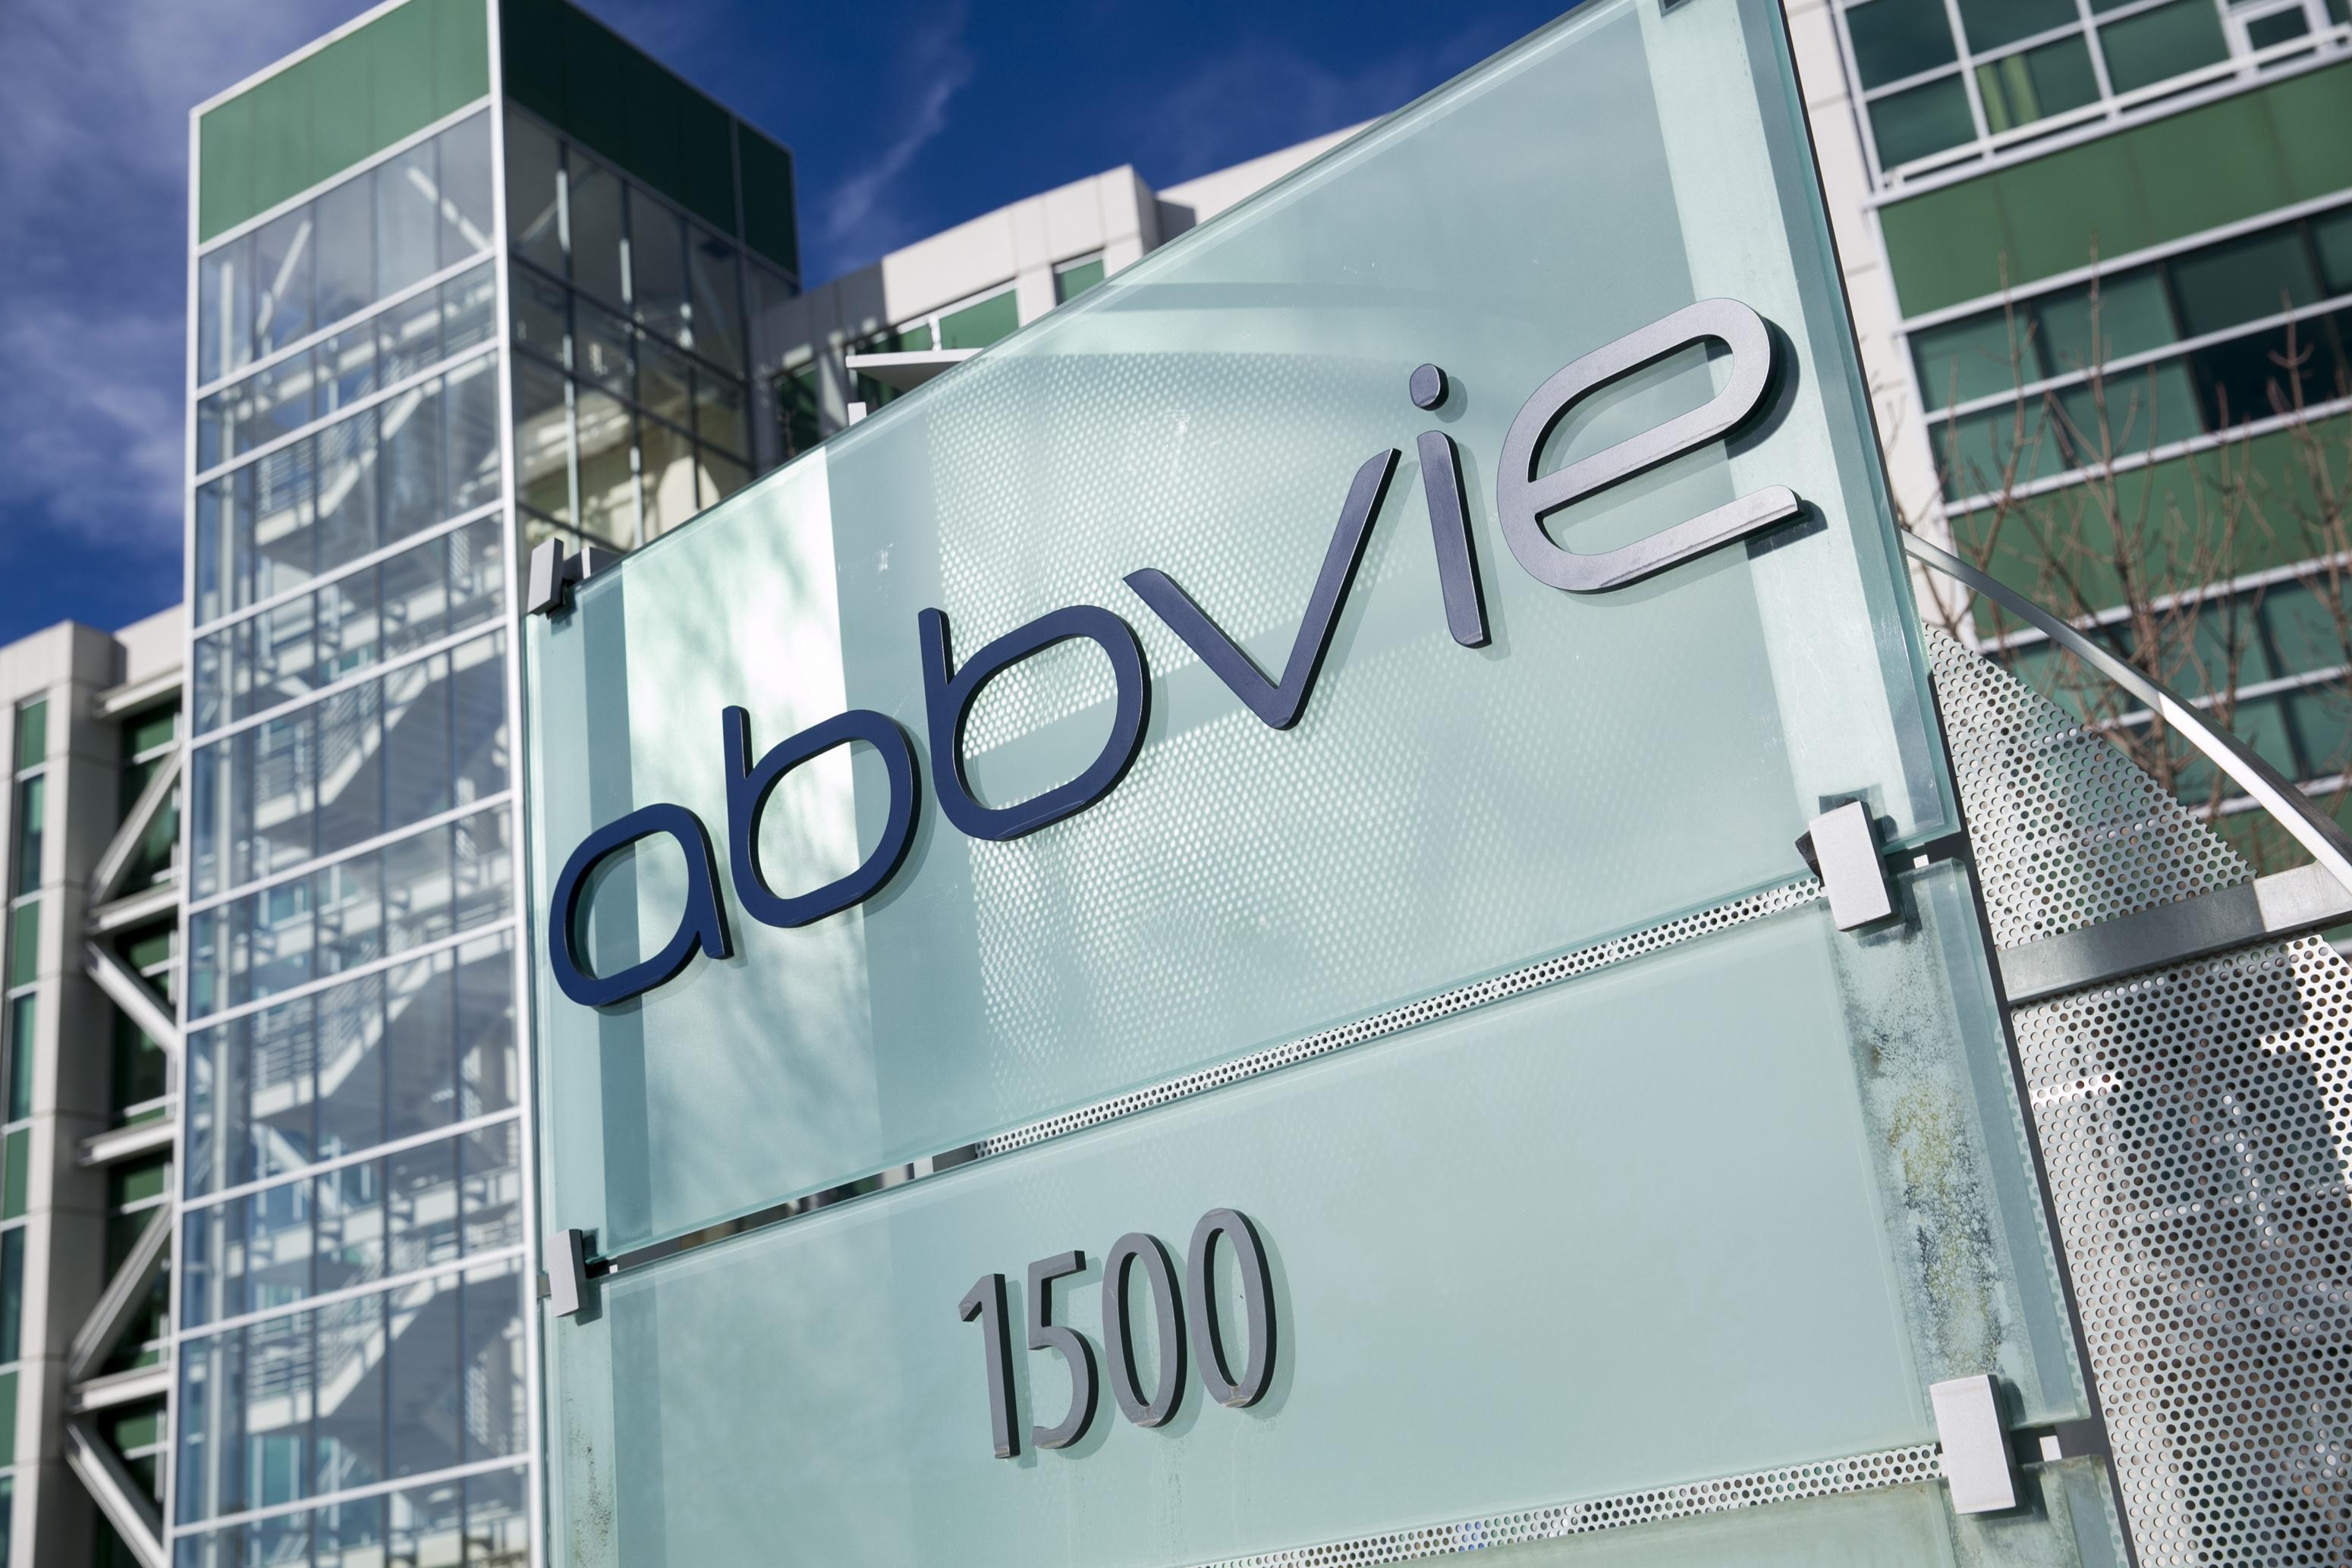 AbbVie to acquire Allergan for $63 billion in megamerger of pharma giants